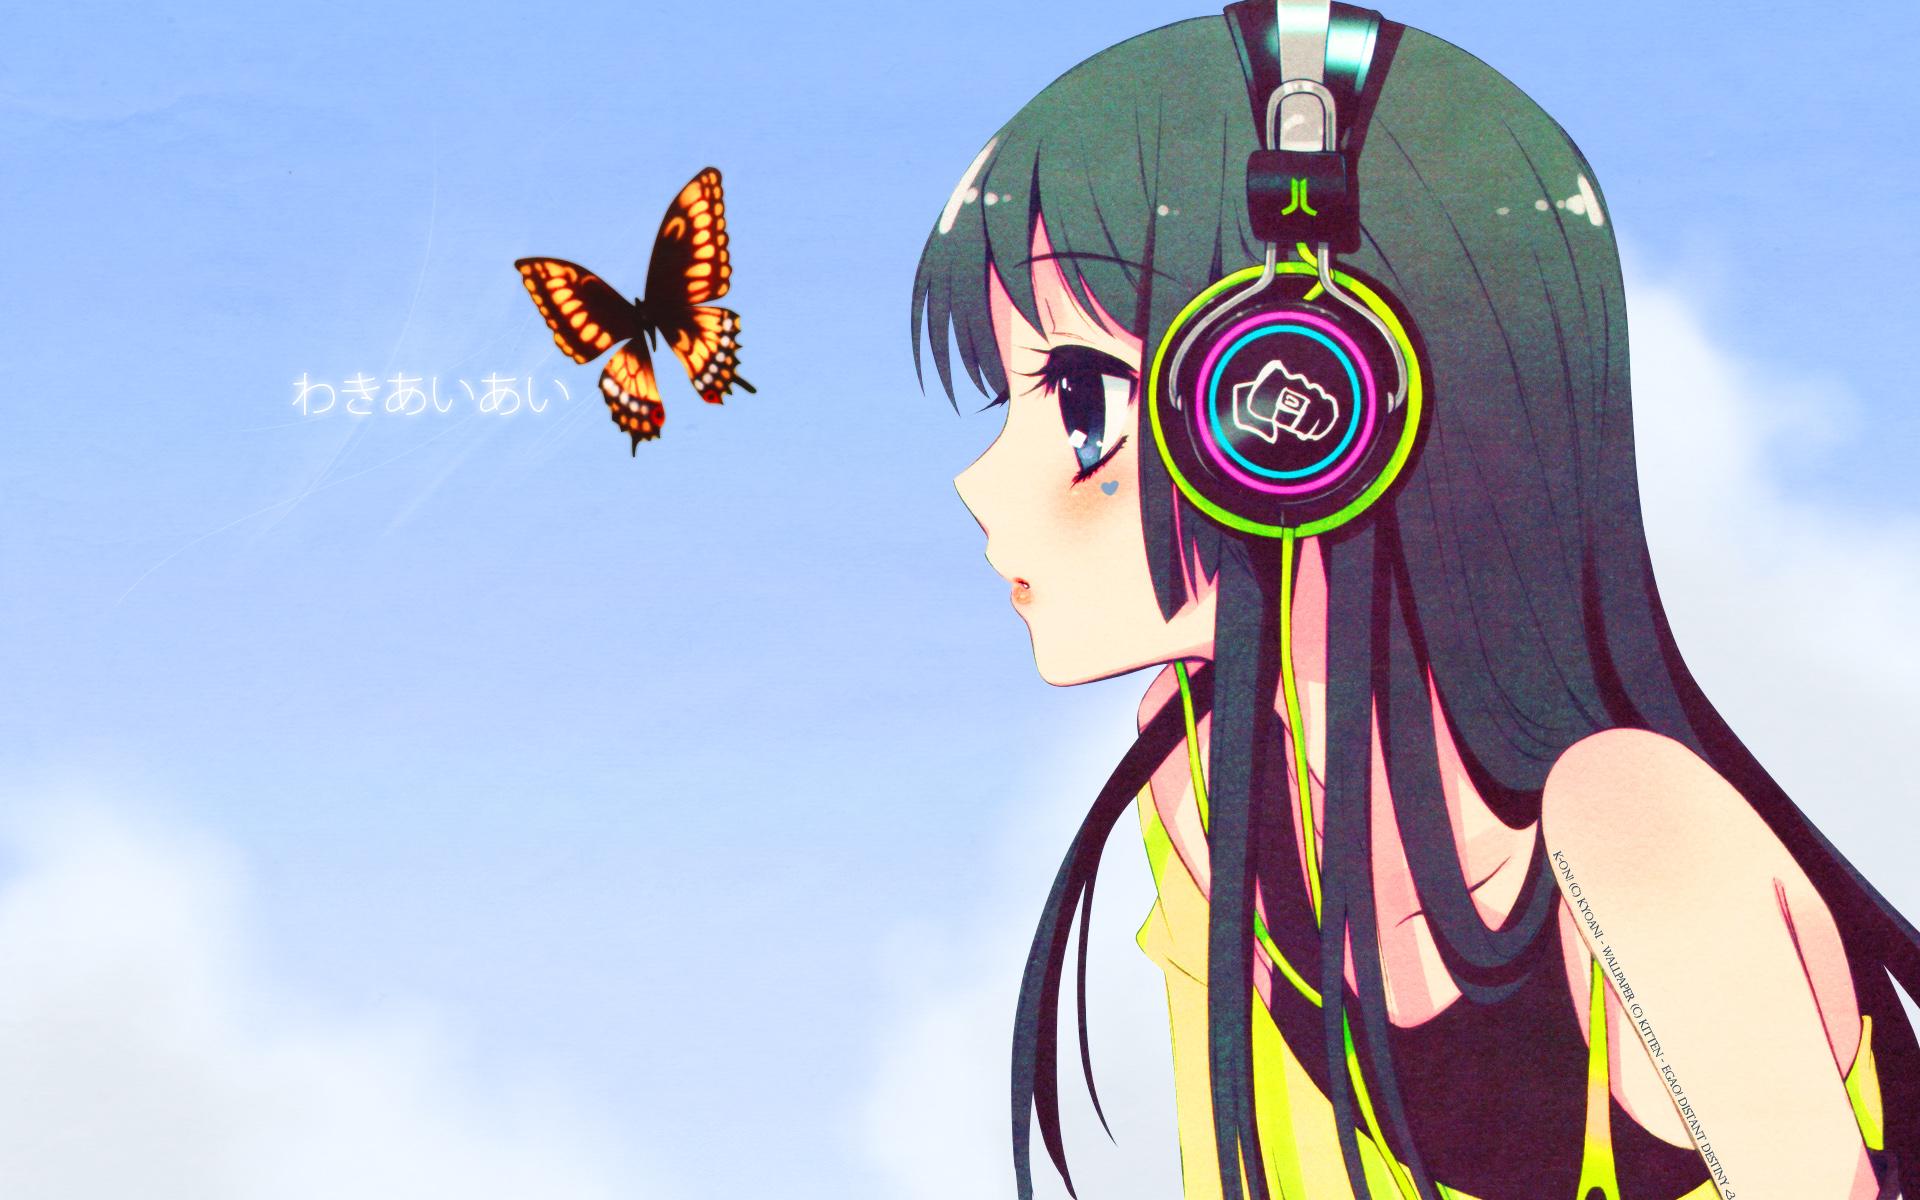 Картинки на аву аниме девушки с наушниками